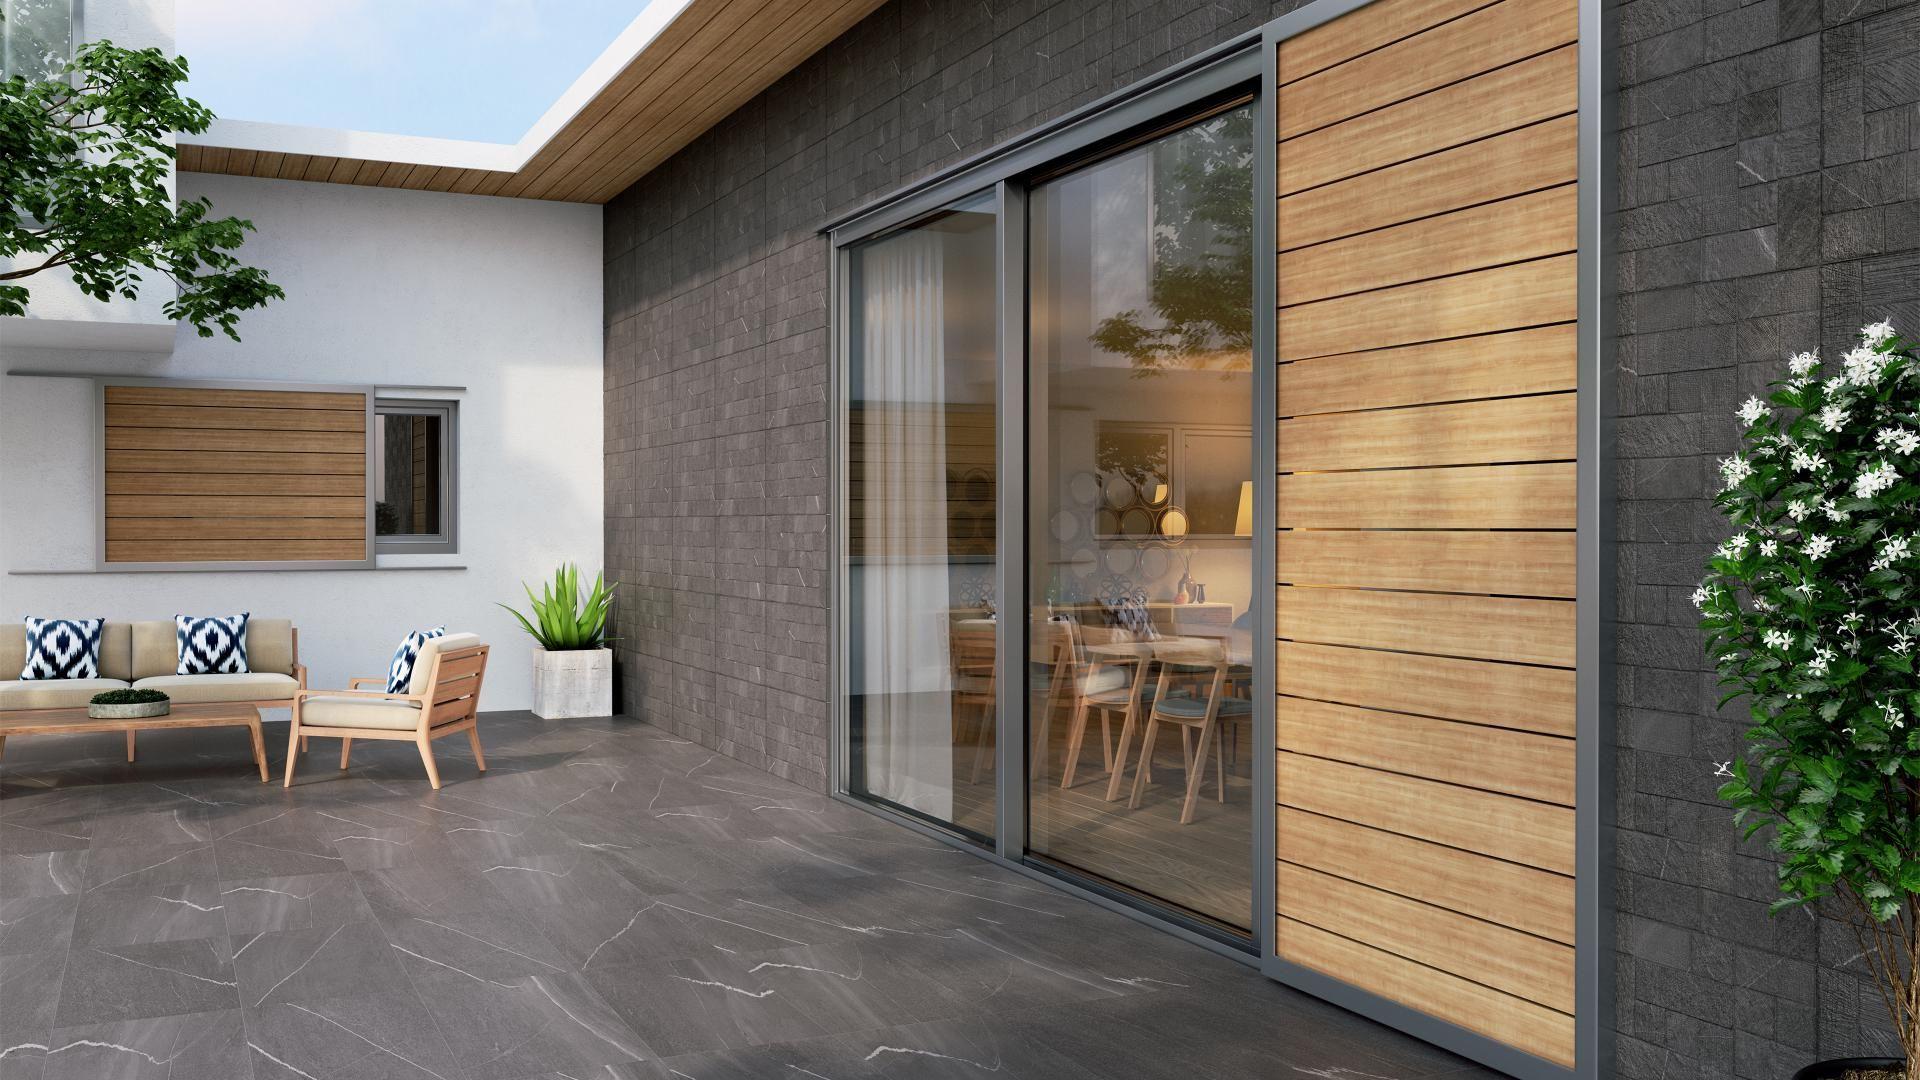 Terrasse En Carrelage Gris Anthracite Aspect Marbre Et Revetement Mural En Relief Decouvrez Nos Dernie Parement Mural Idee Carrelage Carrelage Gris Anthracite